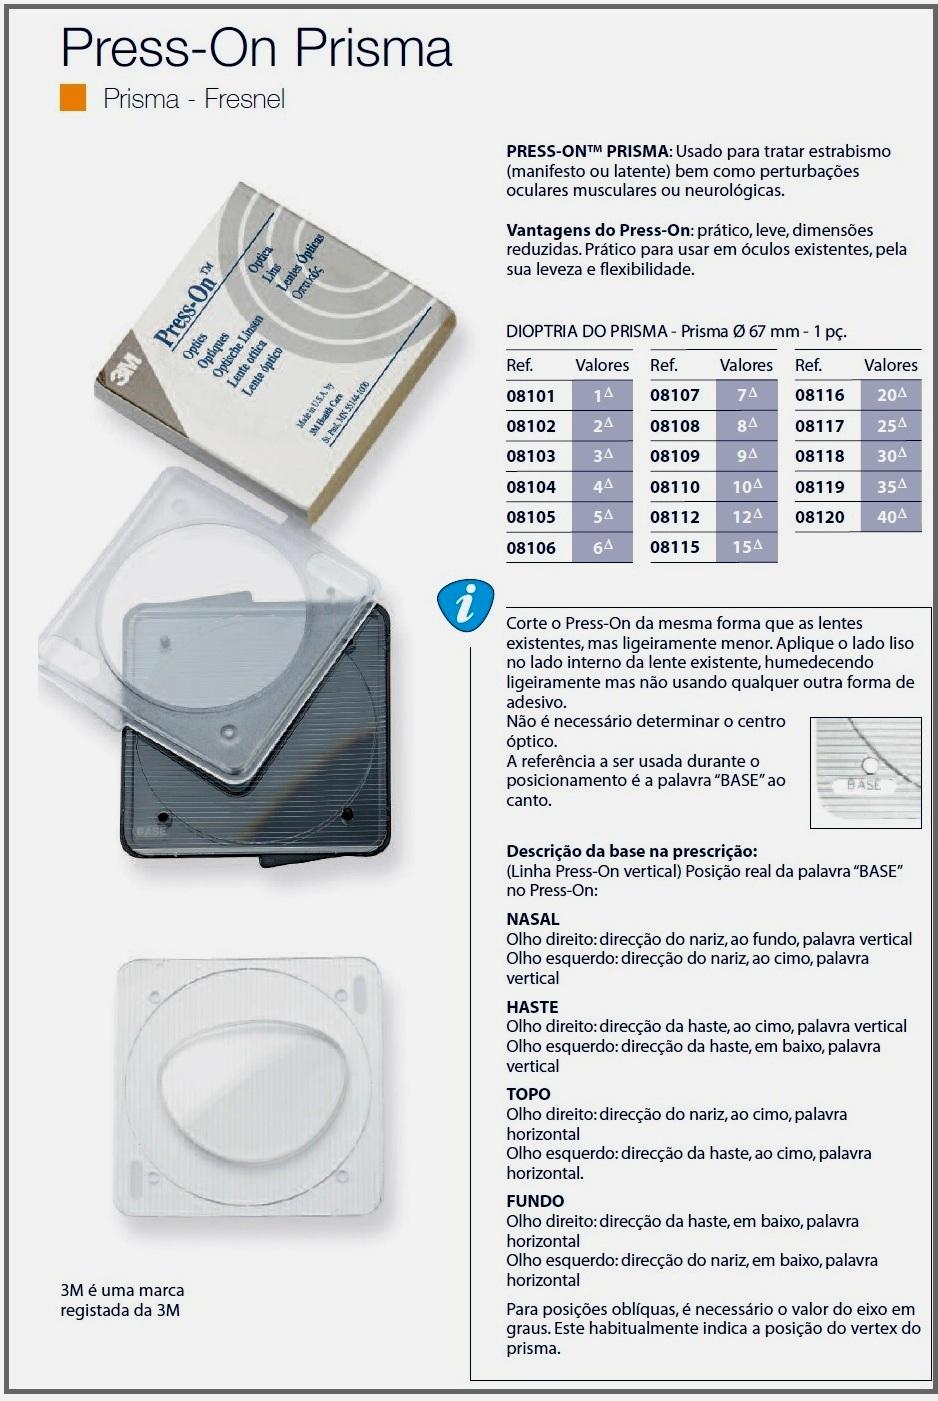 0208110 - CorreçãoVisual 02 Press-On Prisma 10 Mod 8110 FLAG O  -Contém 1 Peça